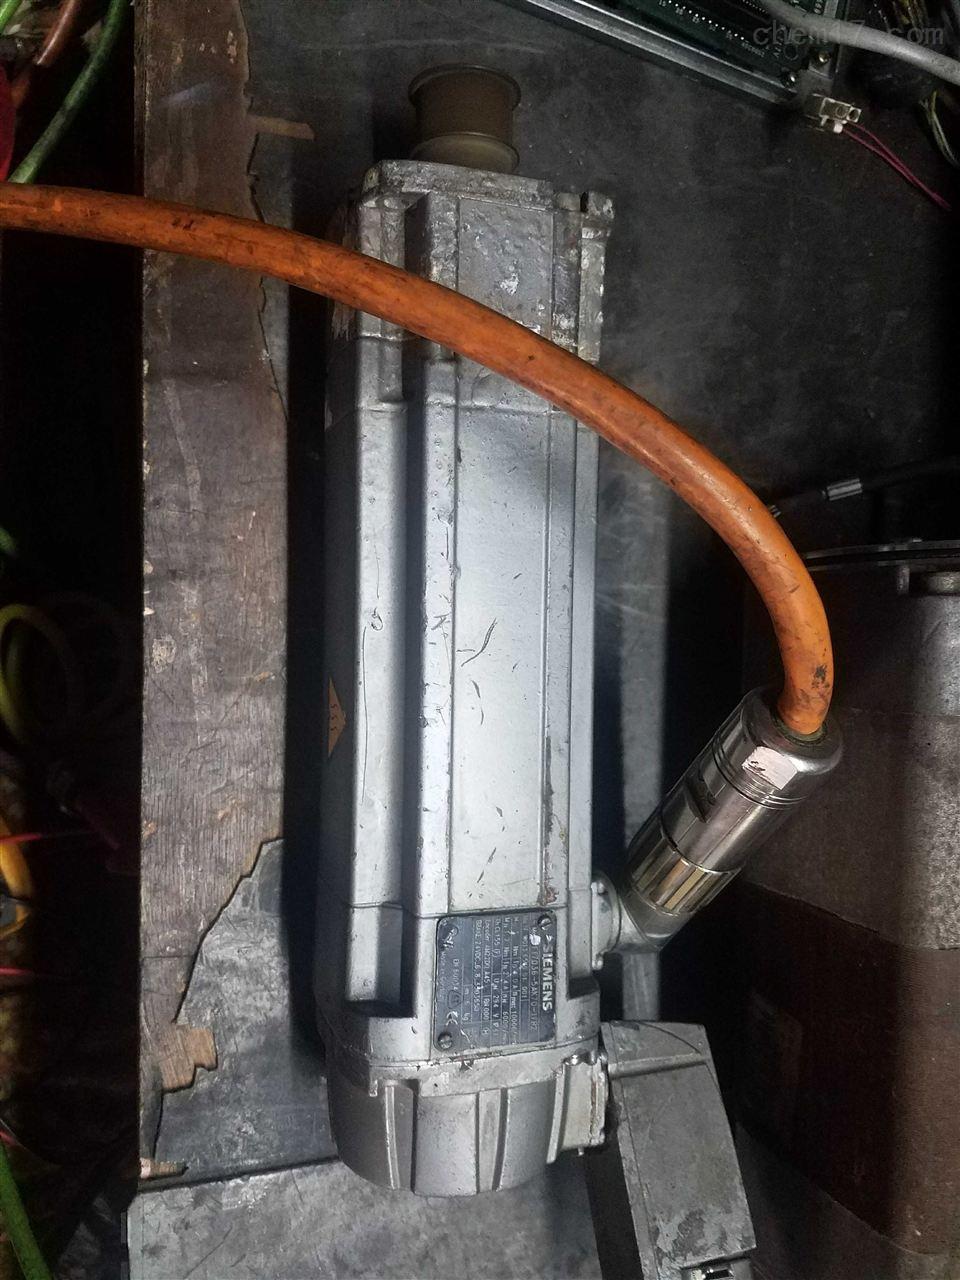 切割机西门子电机维修更换编码器故障-当天可以修好